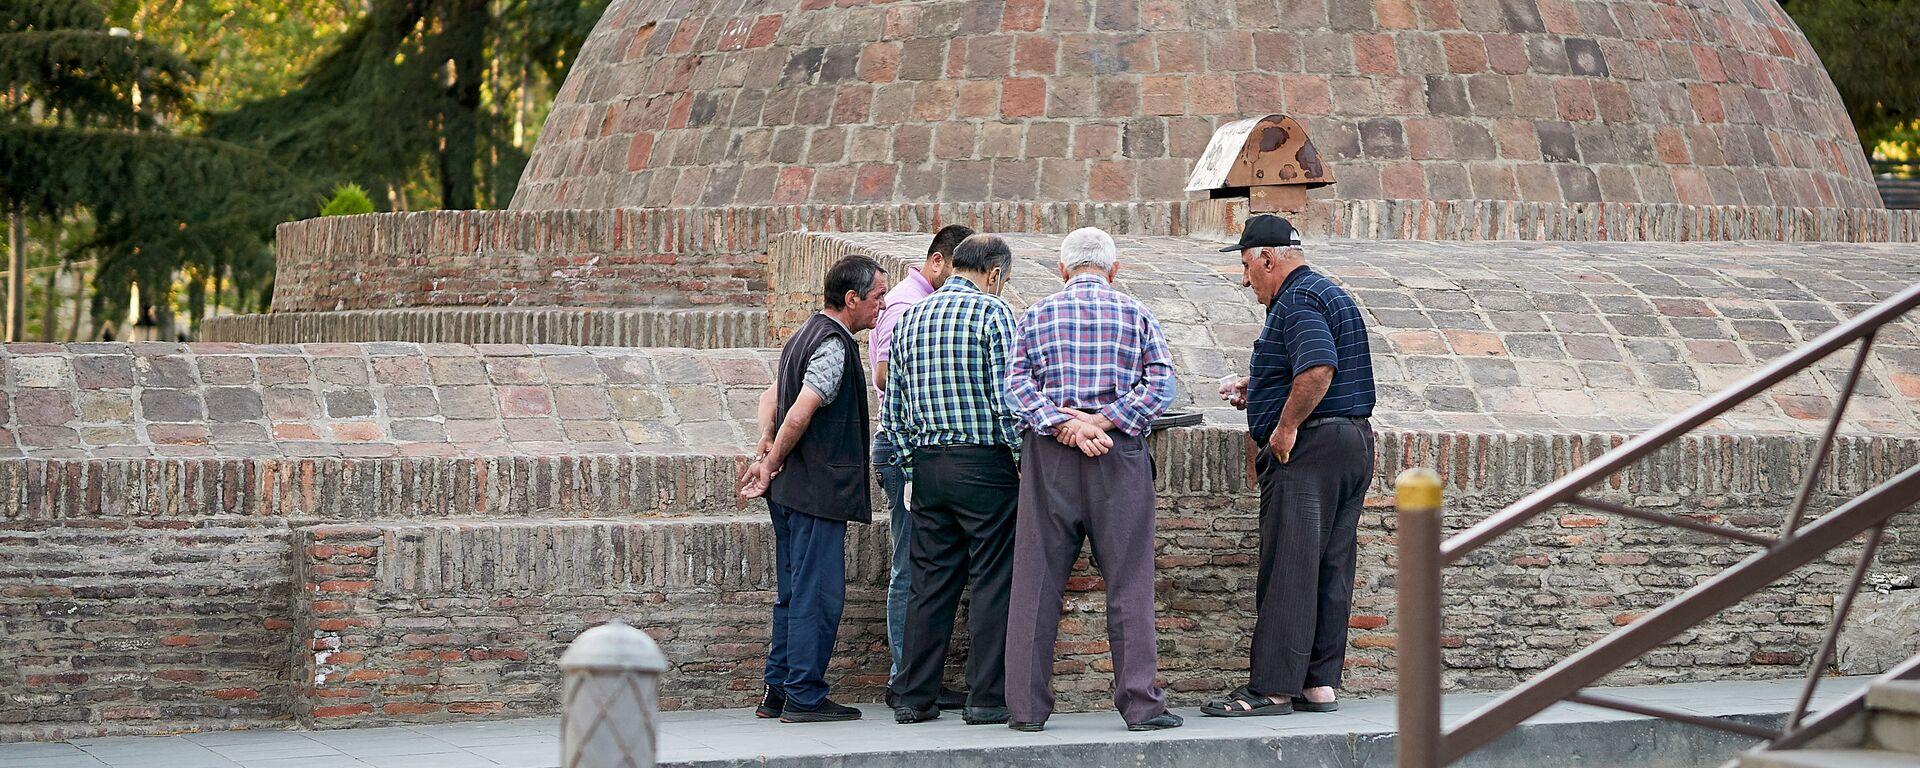 Пожилые безработные и таксисты у серных бань - Sputnik Грузия, 1920, 19.08.2021